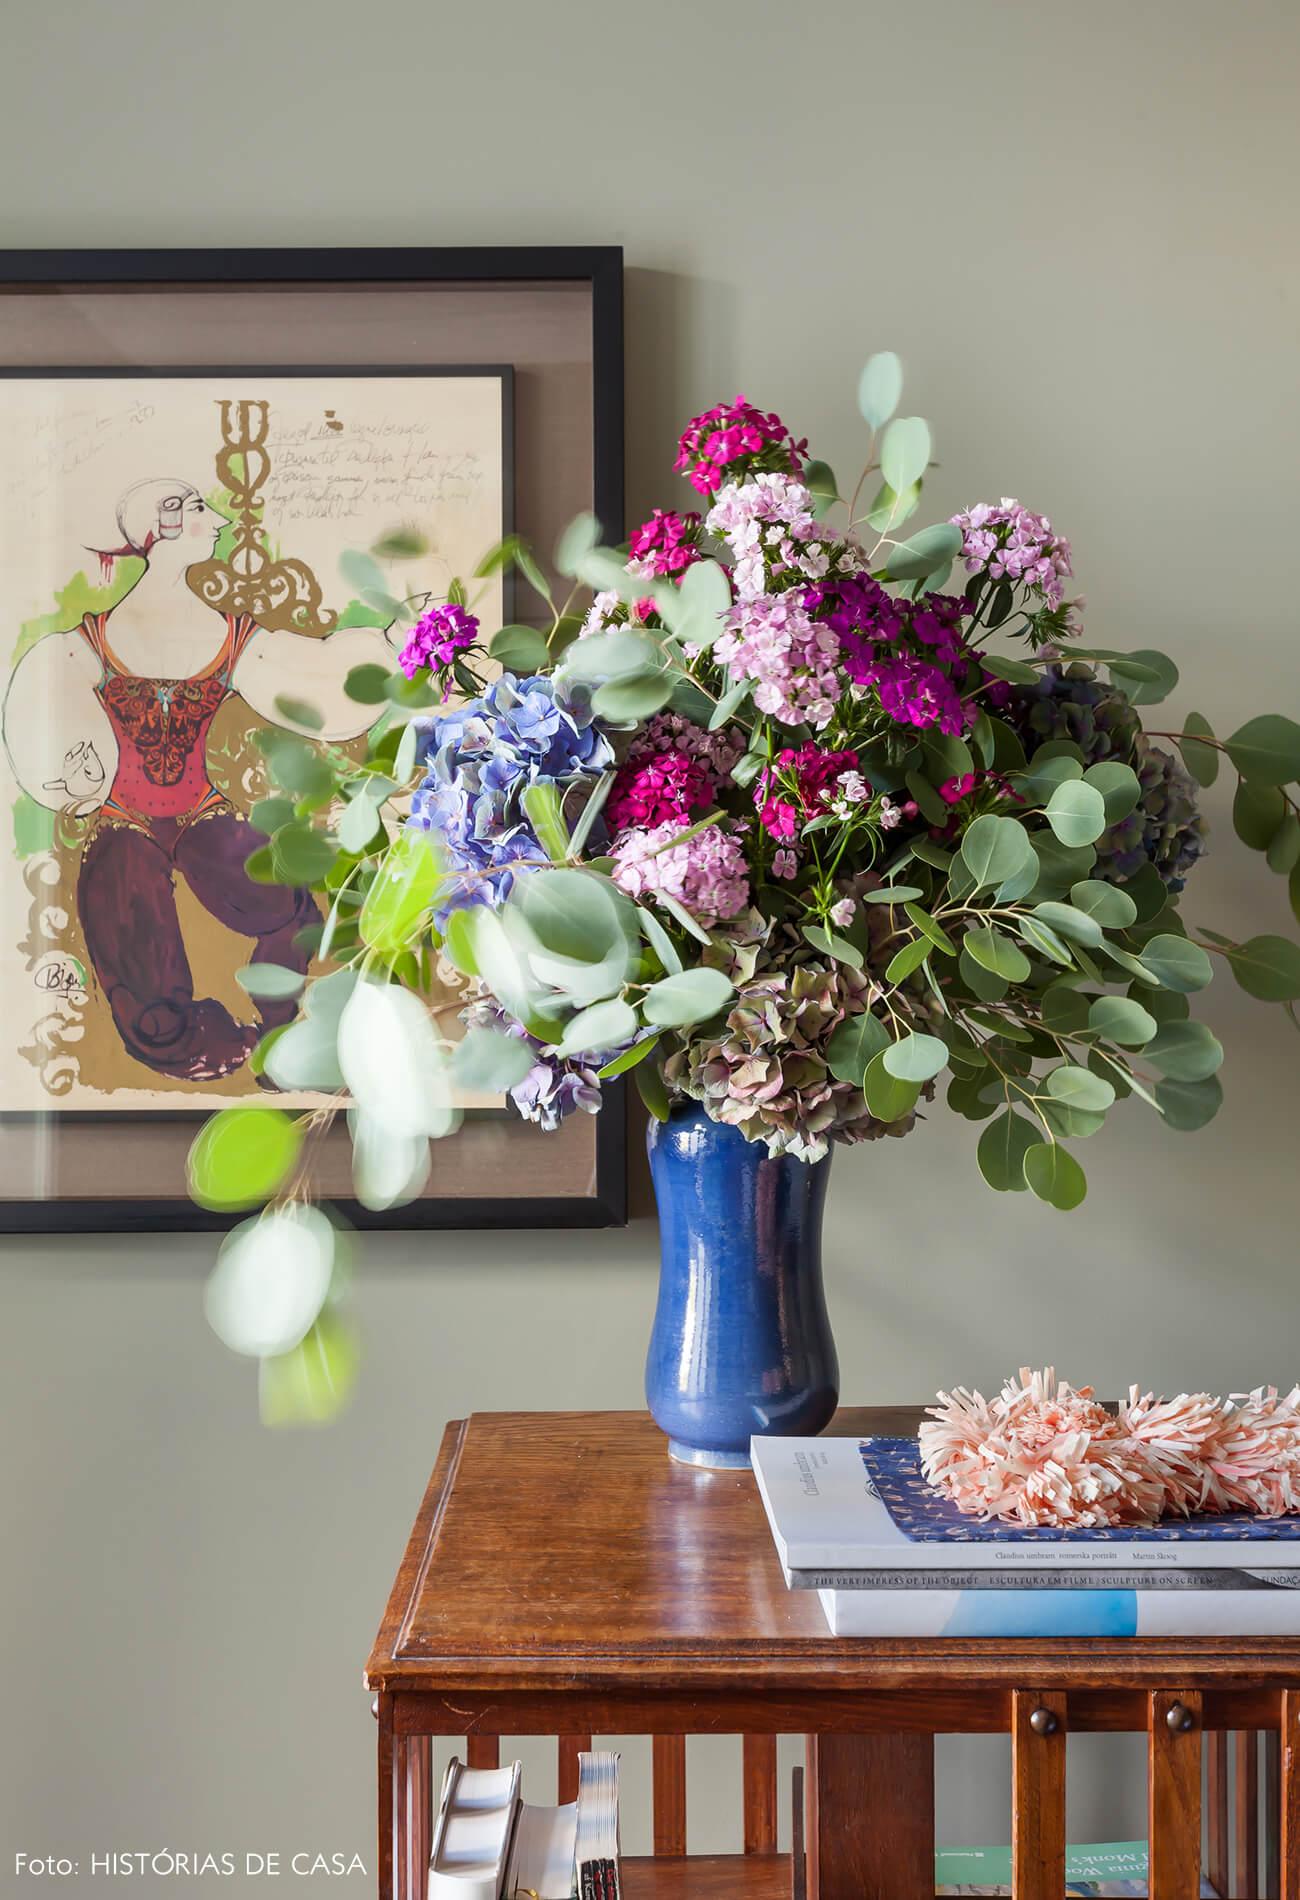 Ap decoração detalhe de vaso e parede verde com quadros